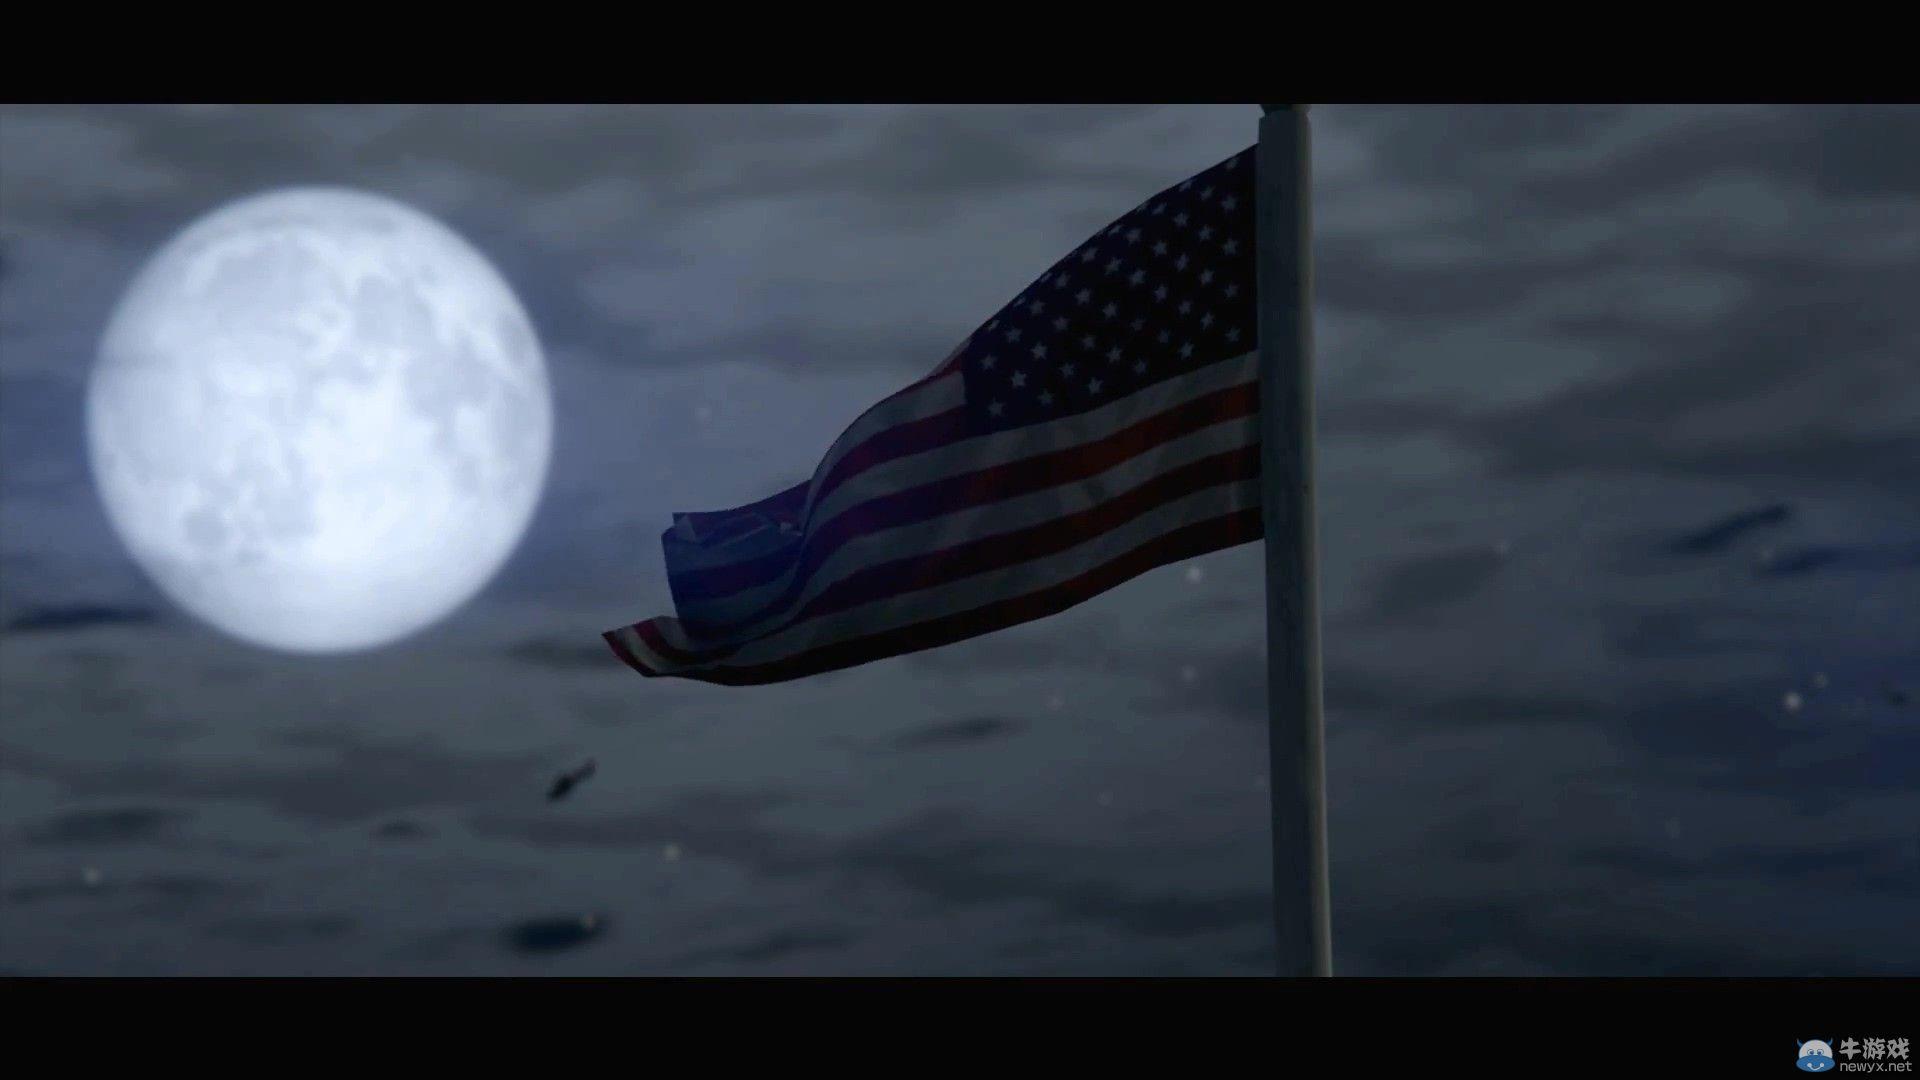 《侠盗猎车手5》(GTA5)夜幕下的罪恶都市:黑丝站街女浪情四溢